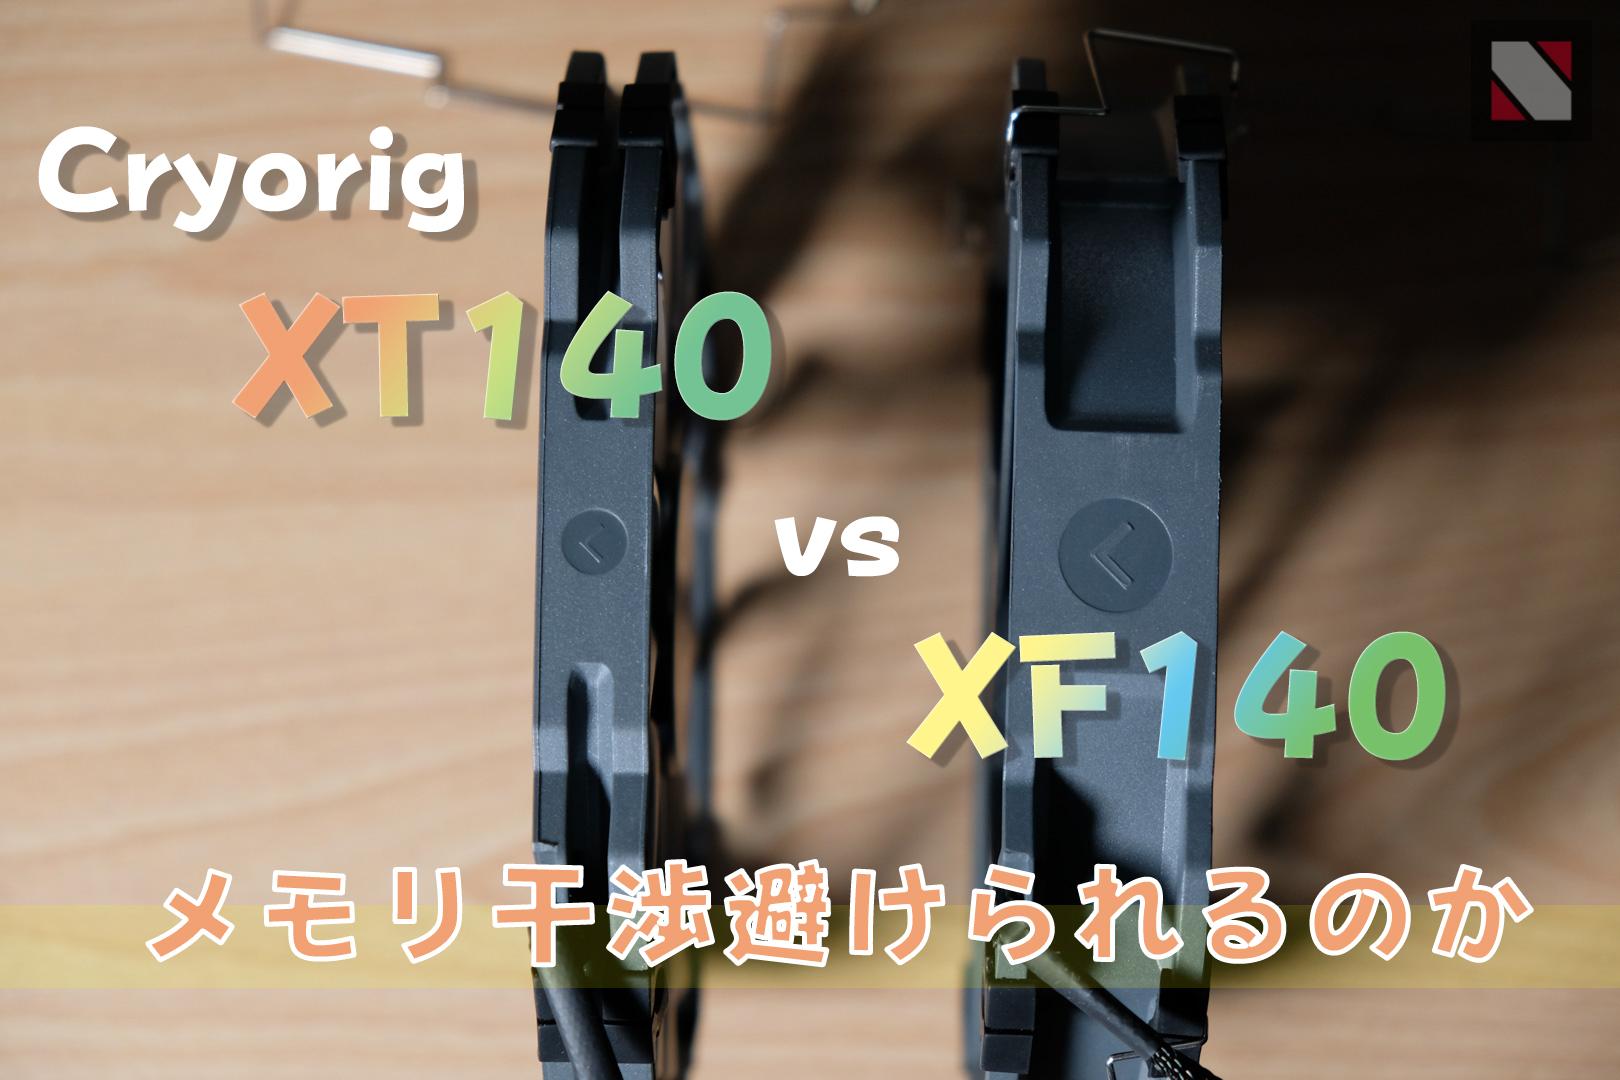 Cryorig R1 Ultimate が Trident Z Neoに干渉するので Cryorig XT140に変えてみた【レビュー・実験】